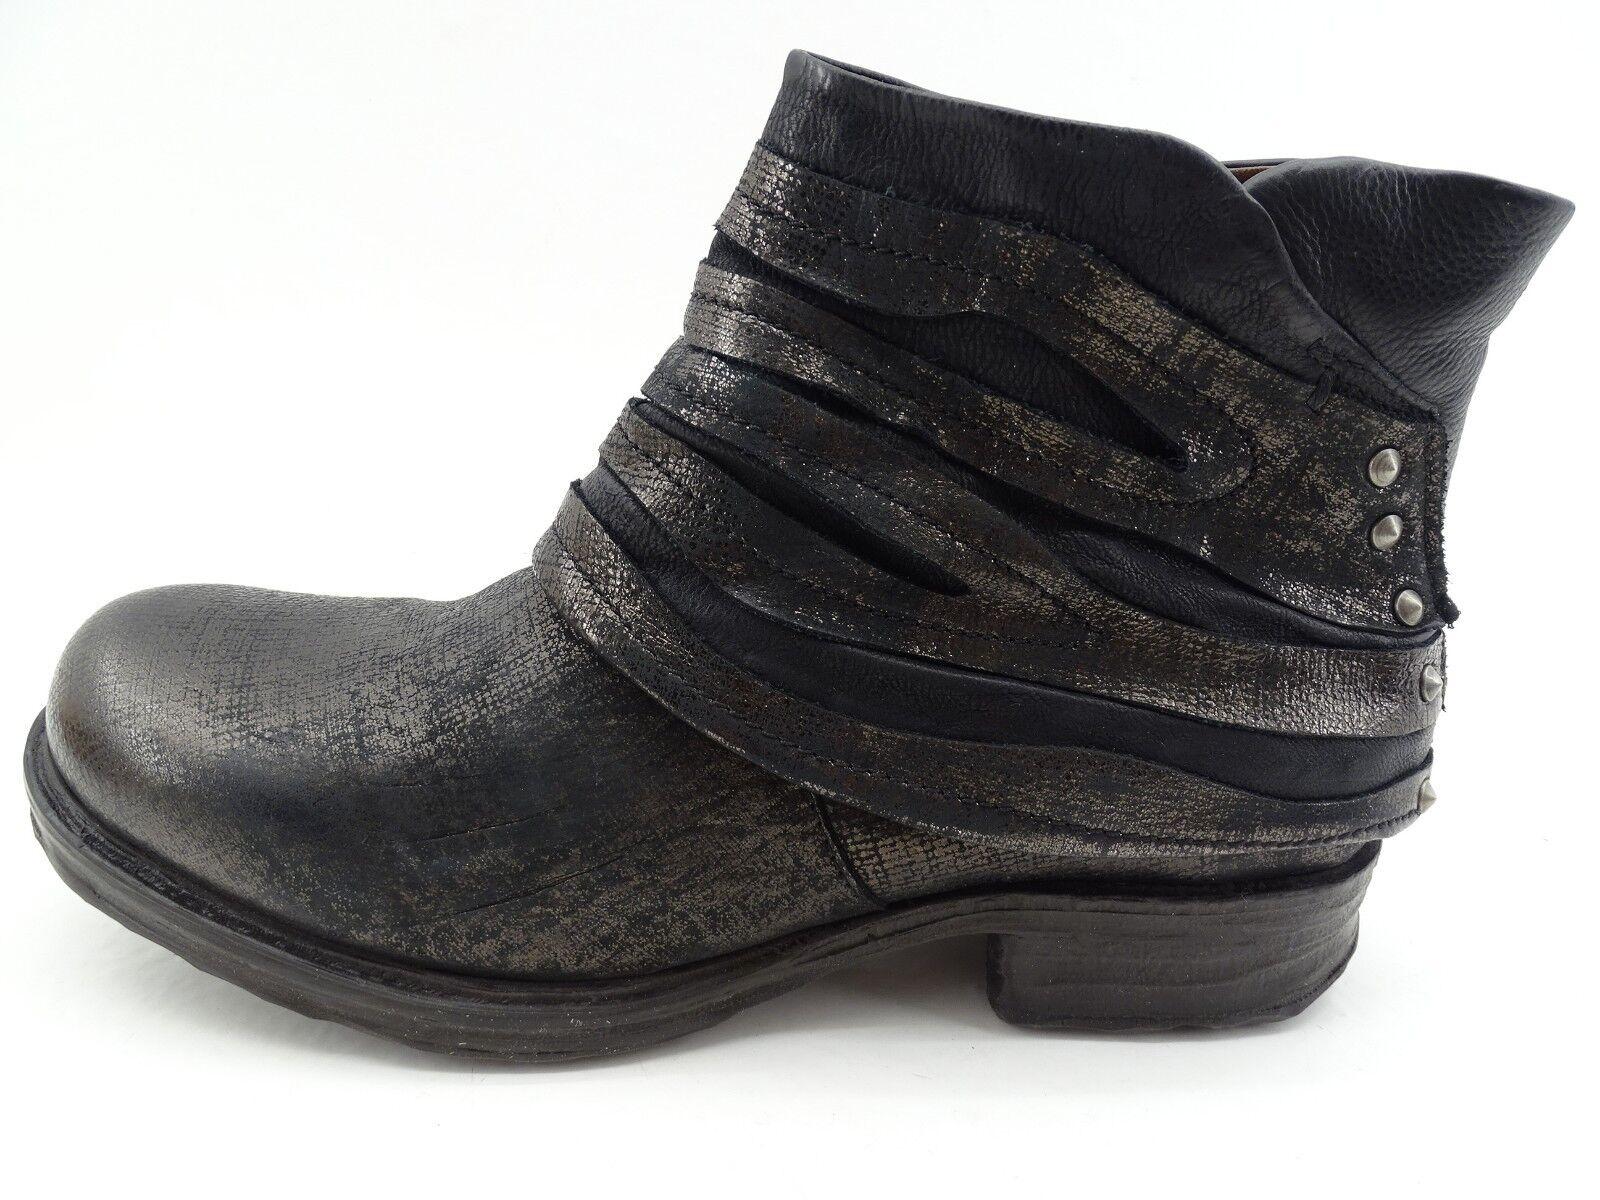 A.S.98 (AirStep) Stiefel für Damen   Stiefel   Stiefelette Schwarz Leder   Gr 37